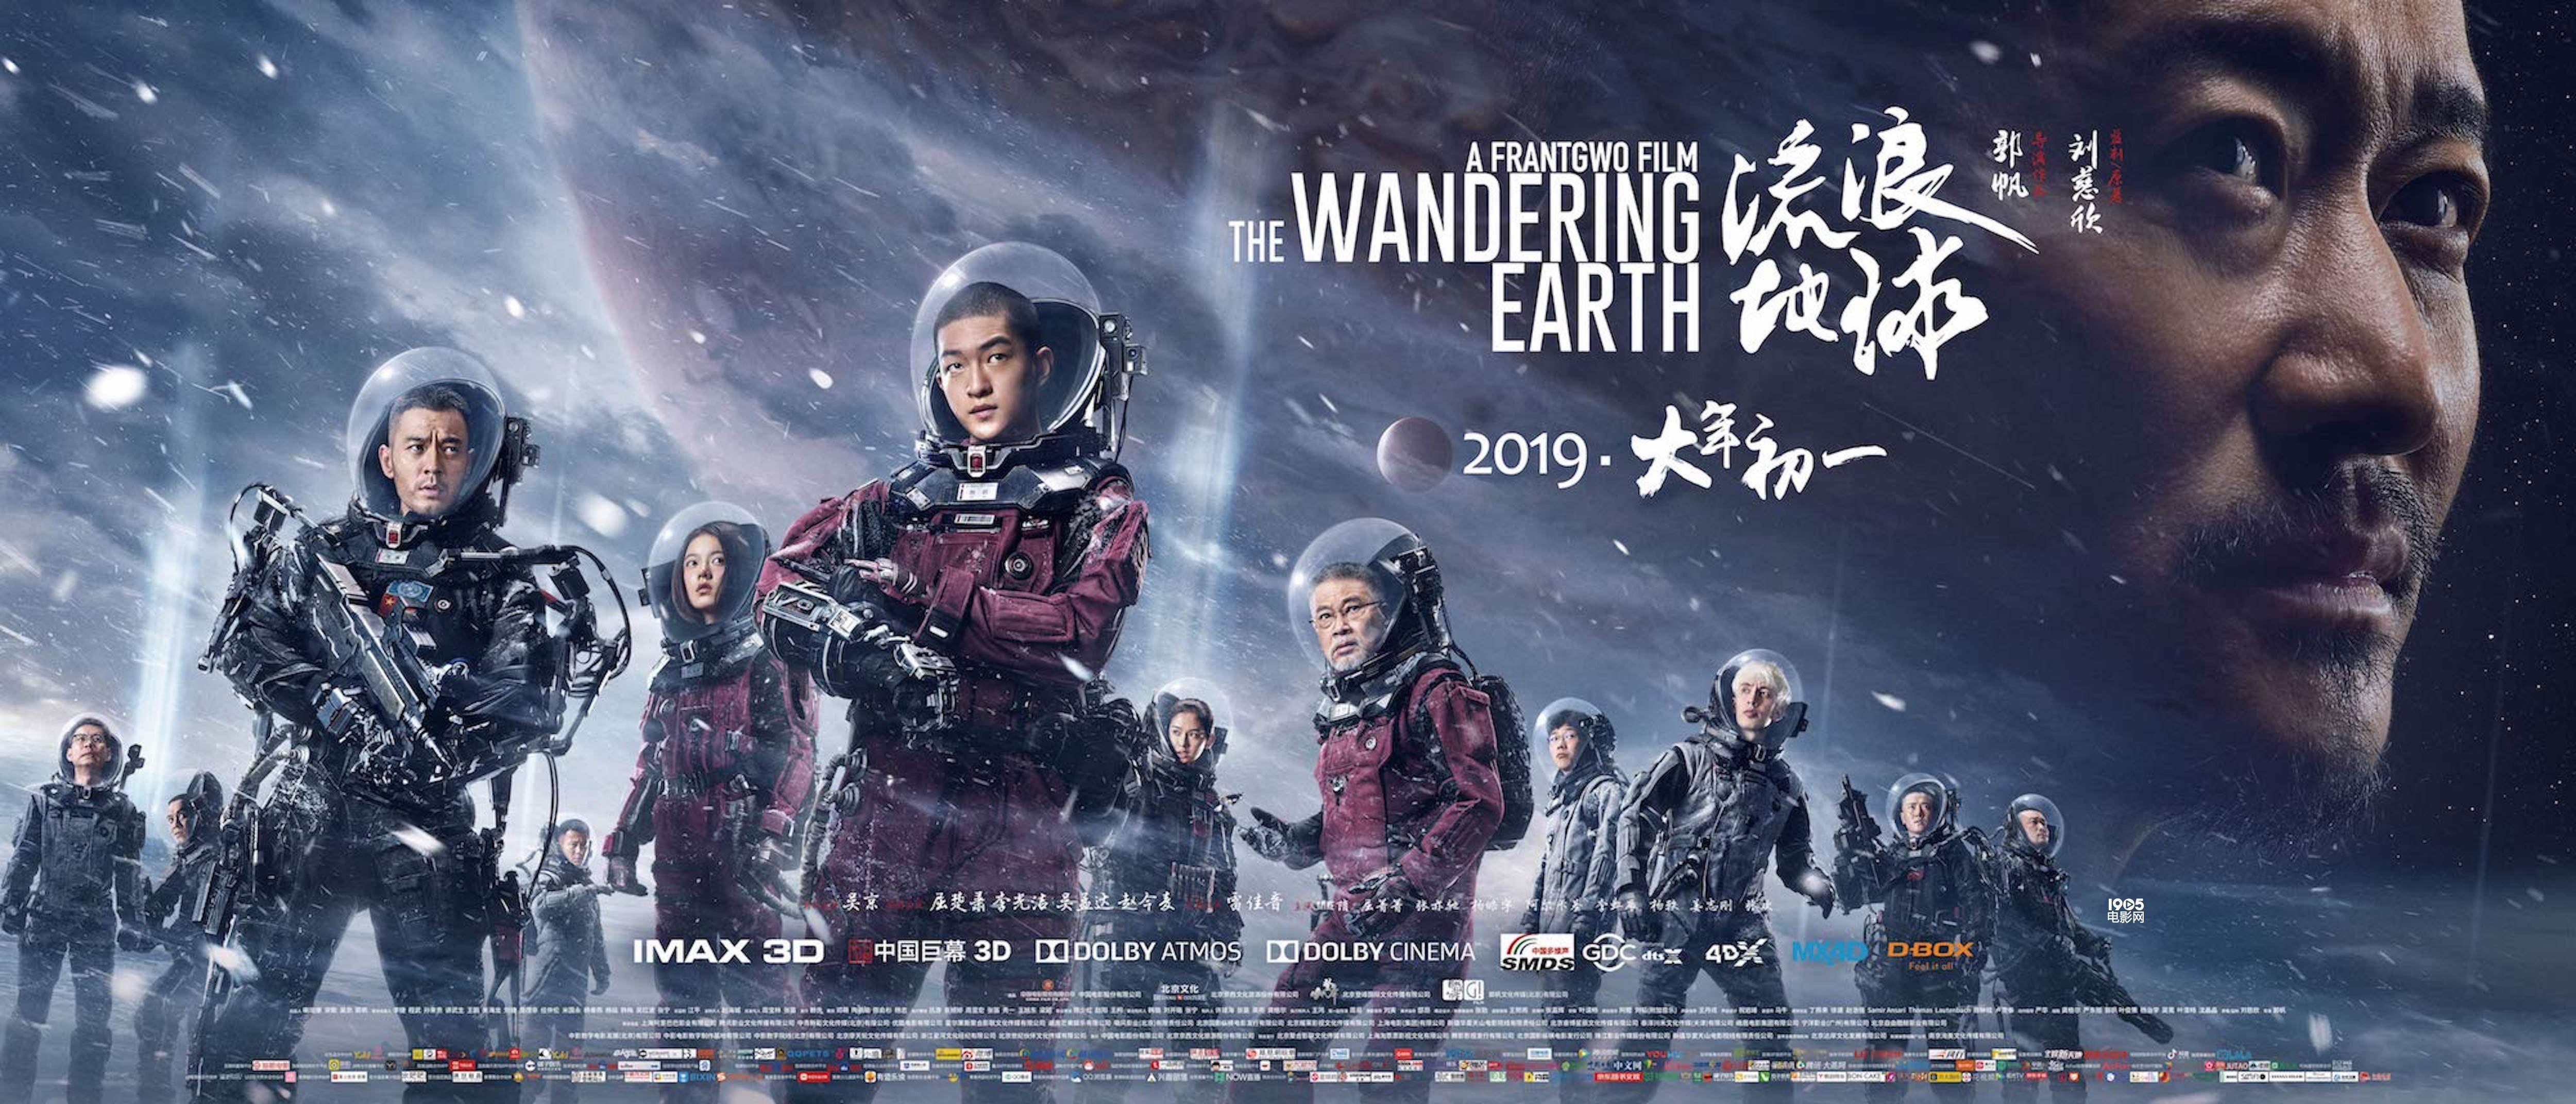 《流浪地球》金猪拱门,科幻产业成掘金新战场?